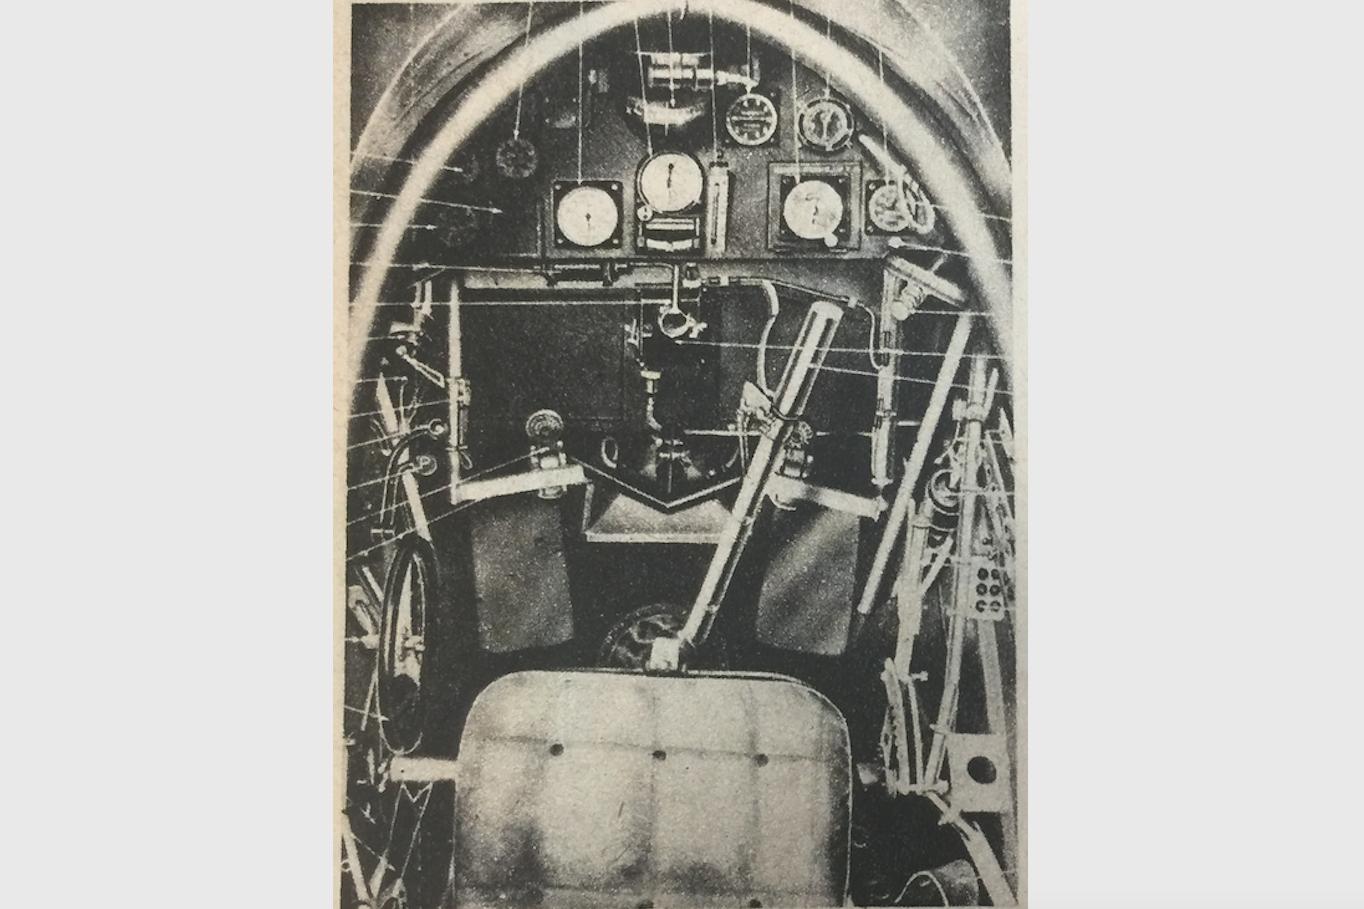 RWD-14, LWS Czapla. Miejsce pilota. 1938 rok. Zdjęcie z instrukcji obsługi